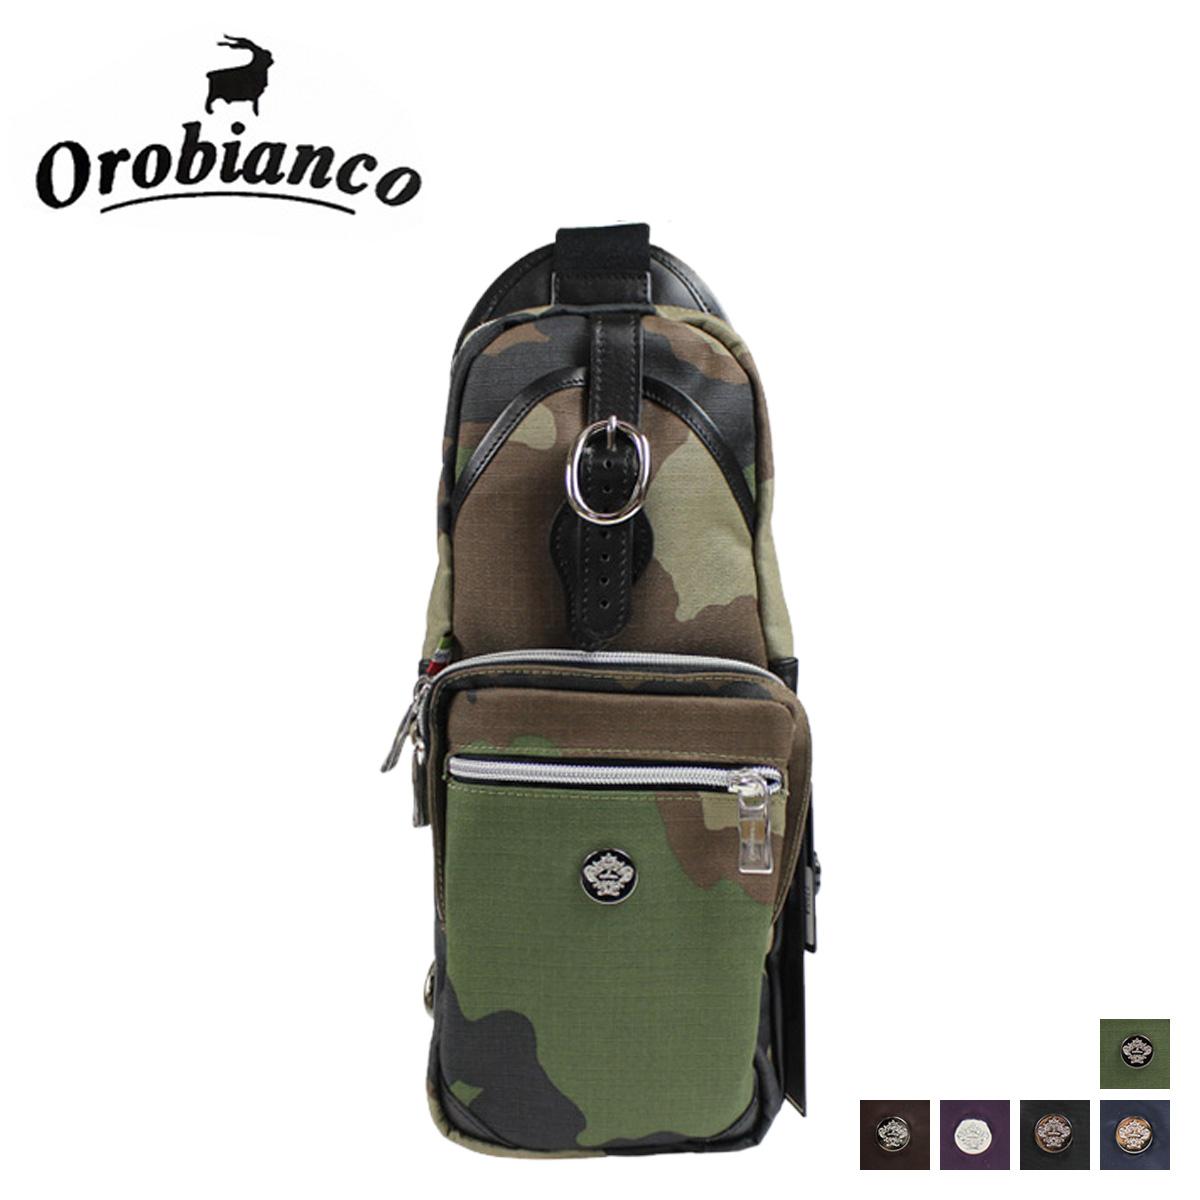 オロビアンコ Orobianco ボディバッグ ワンショルダー ANNIBALE 77548 77549 77552 77553 77554 メンズ